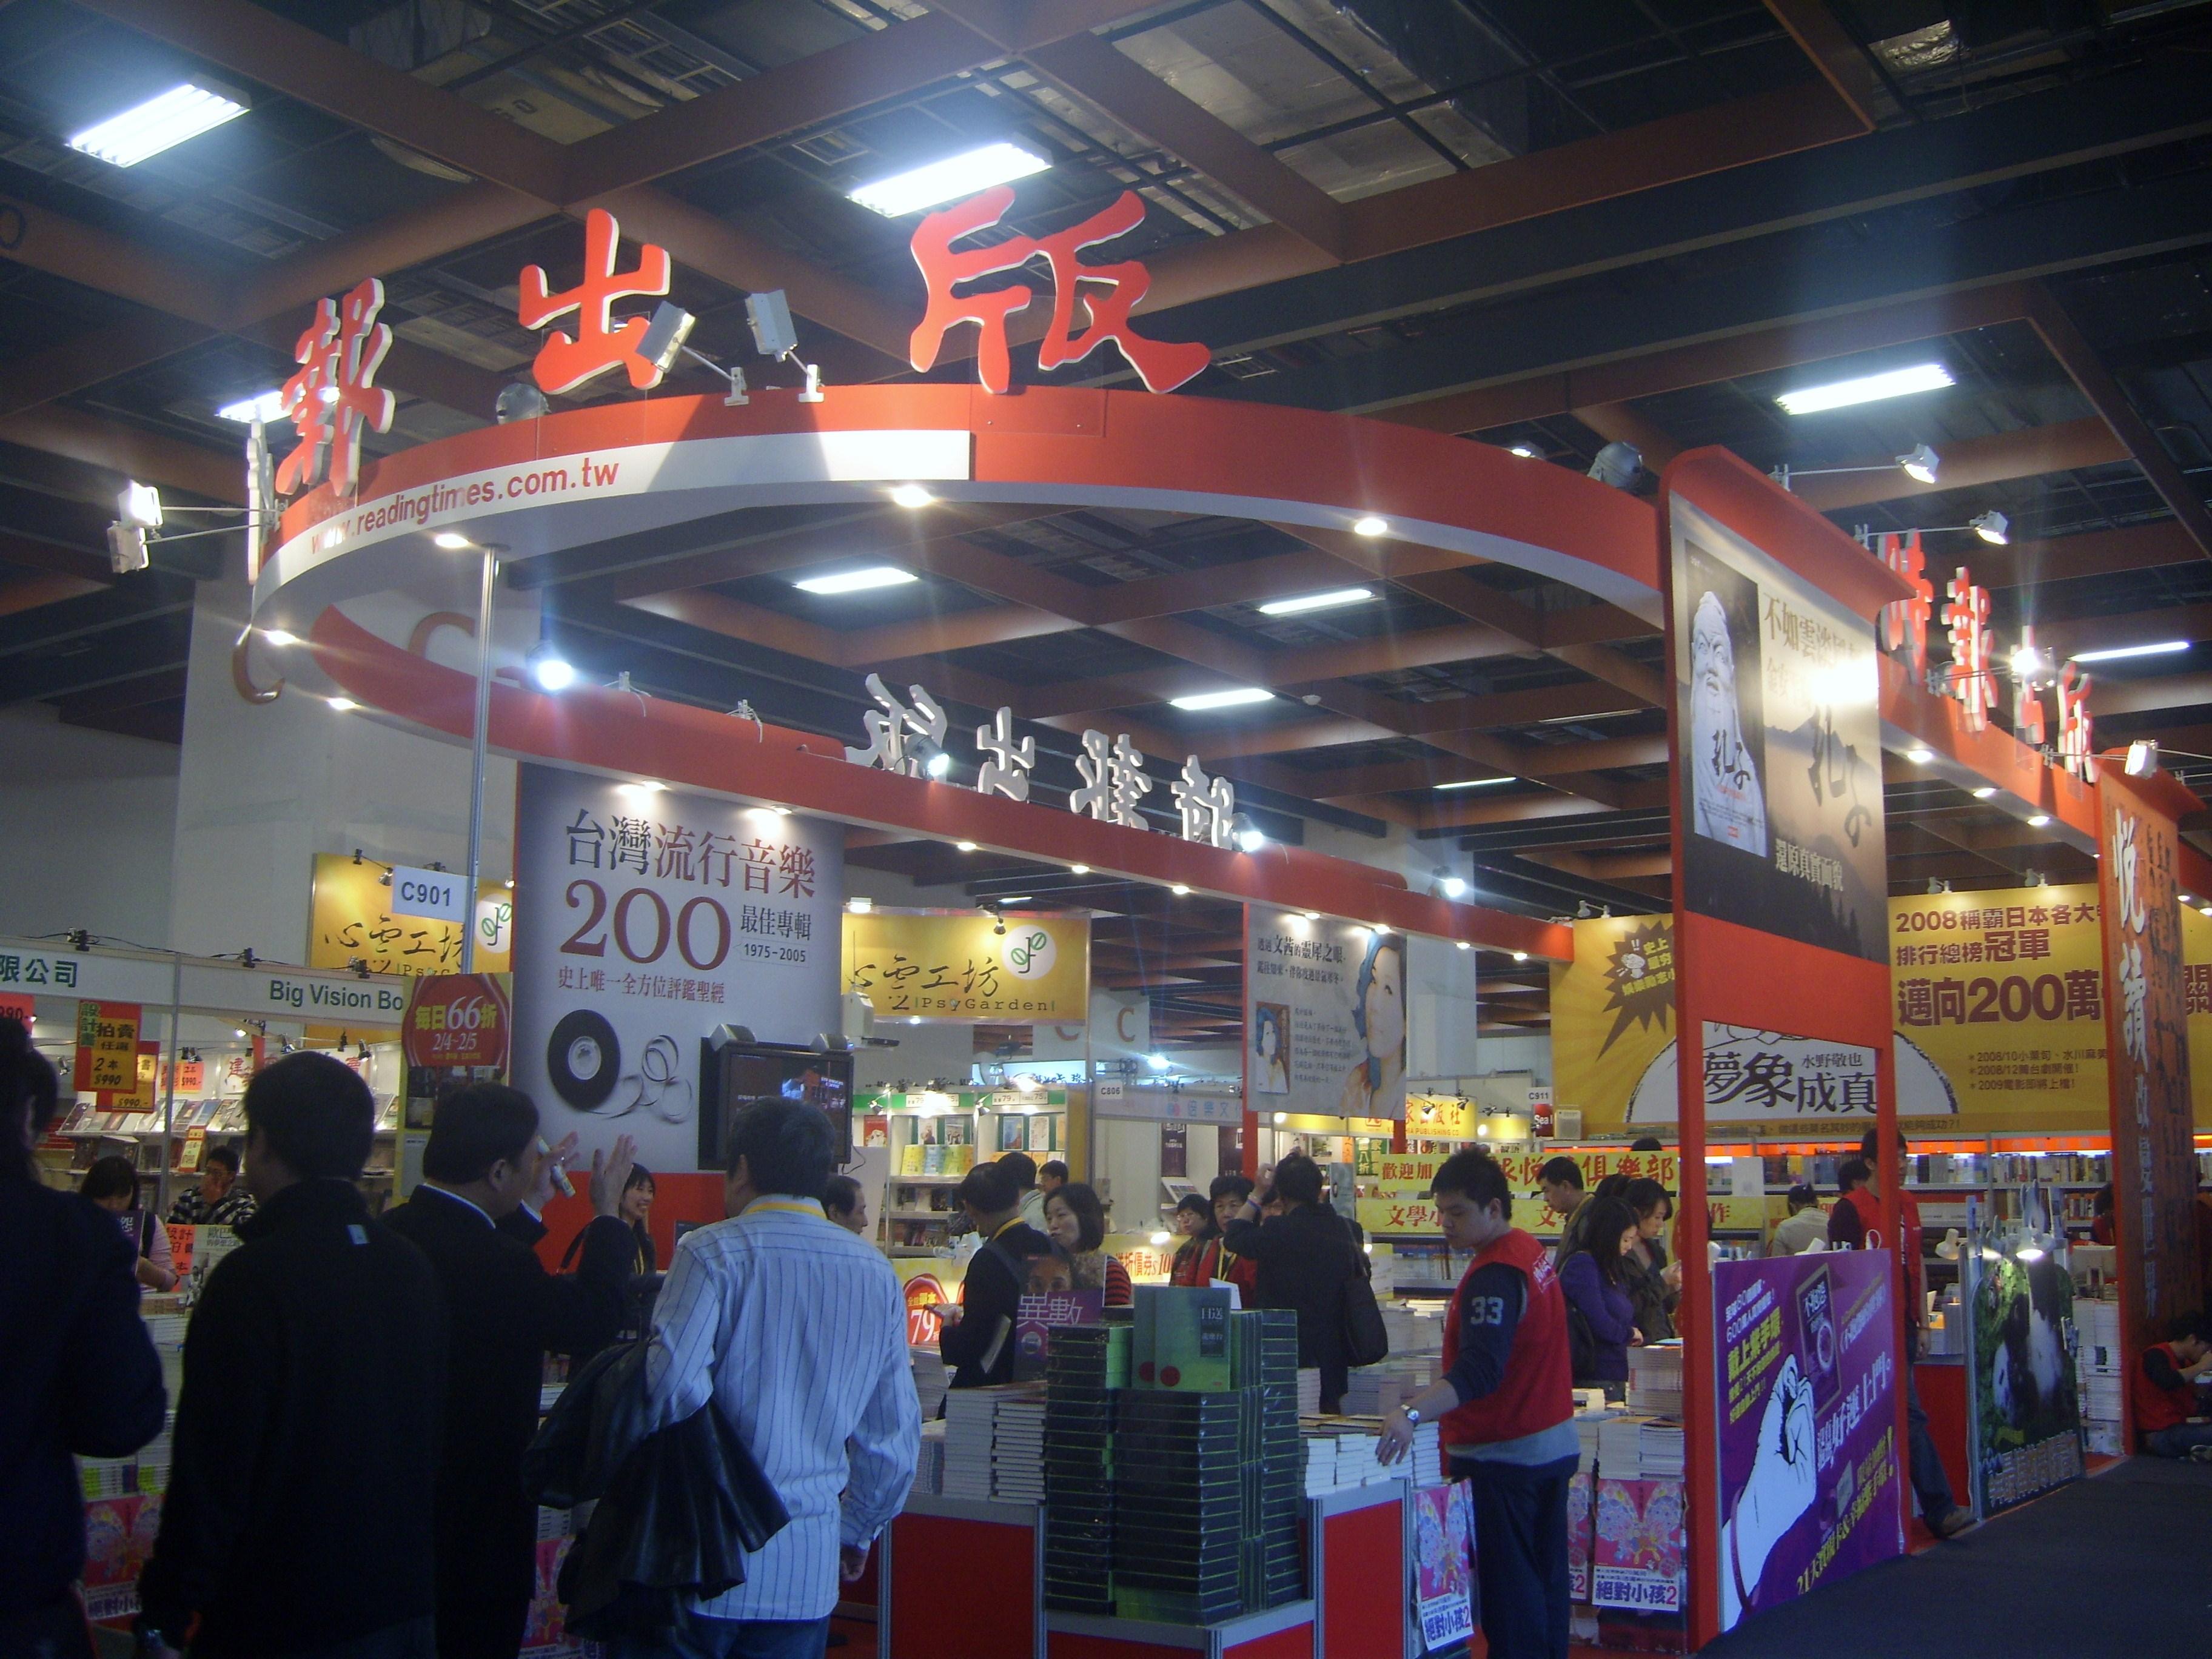 China international publishing group